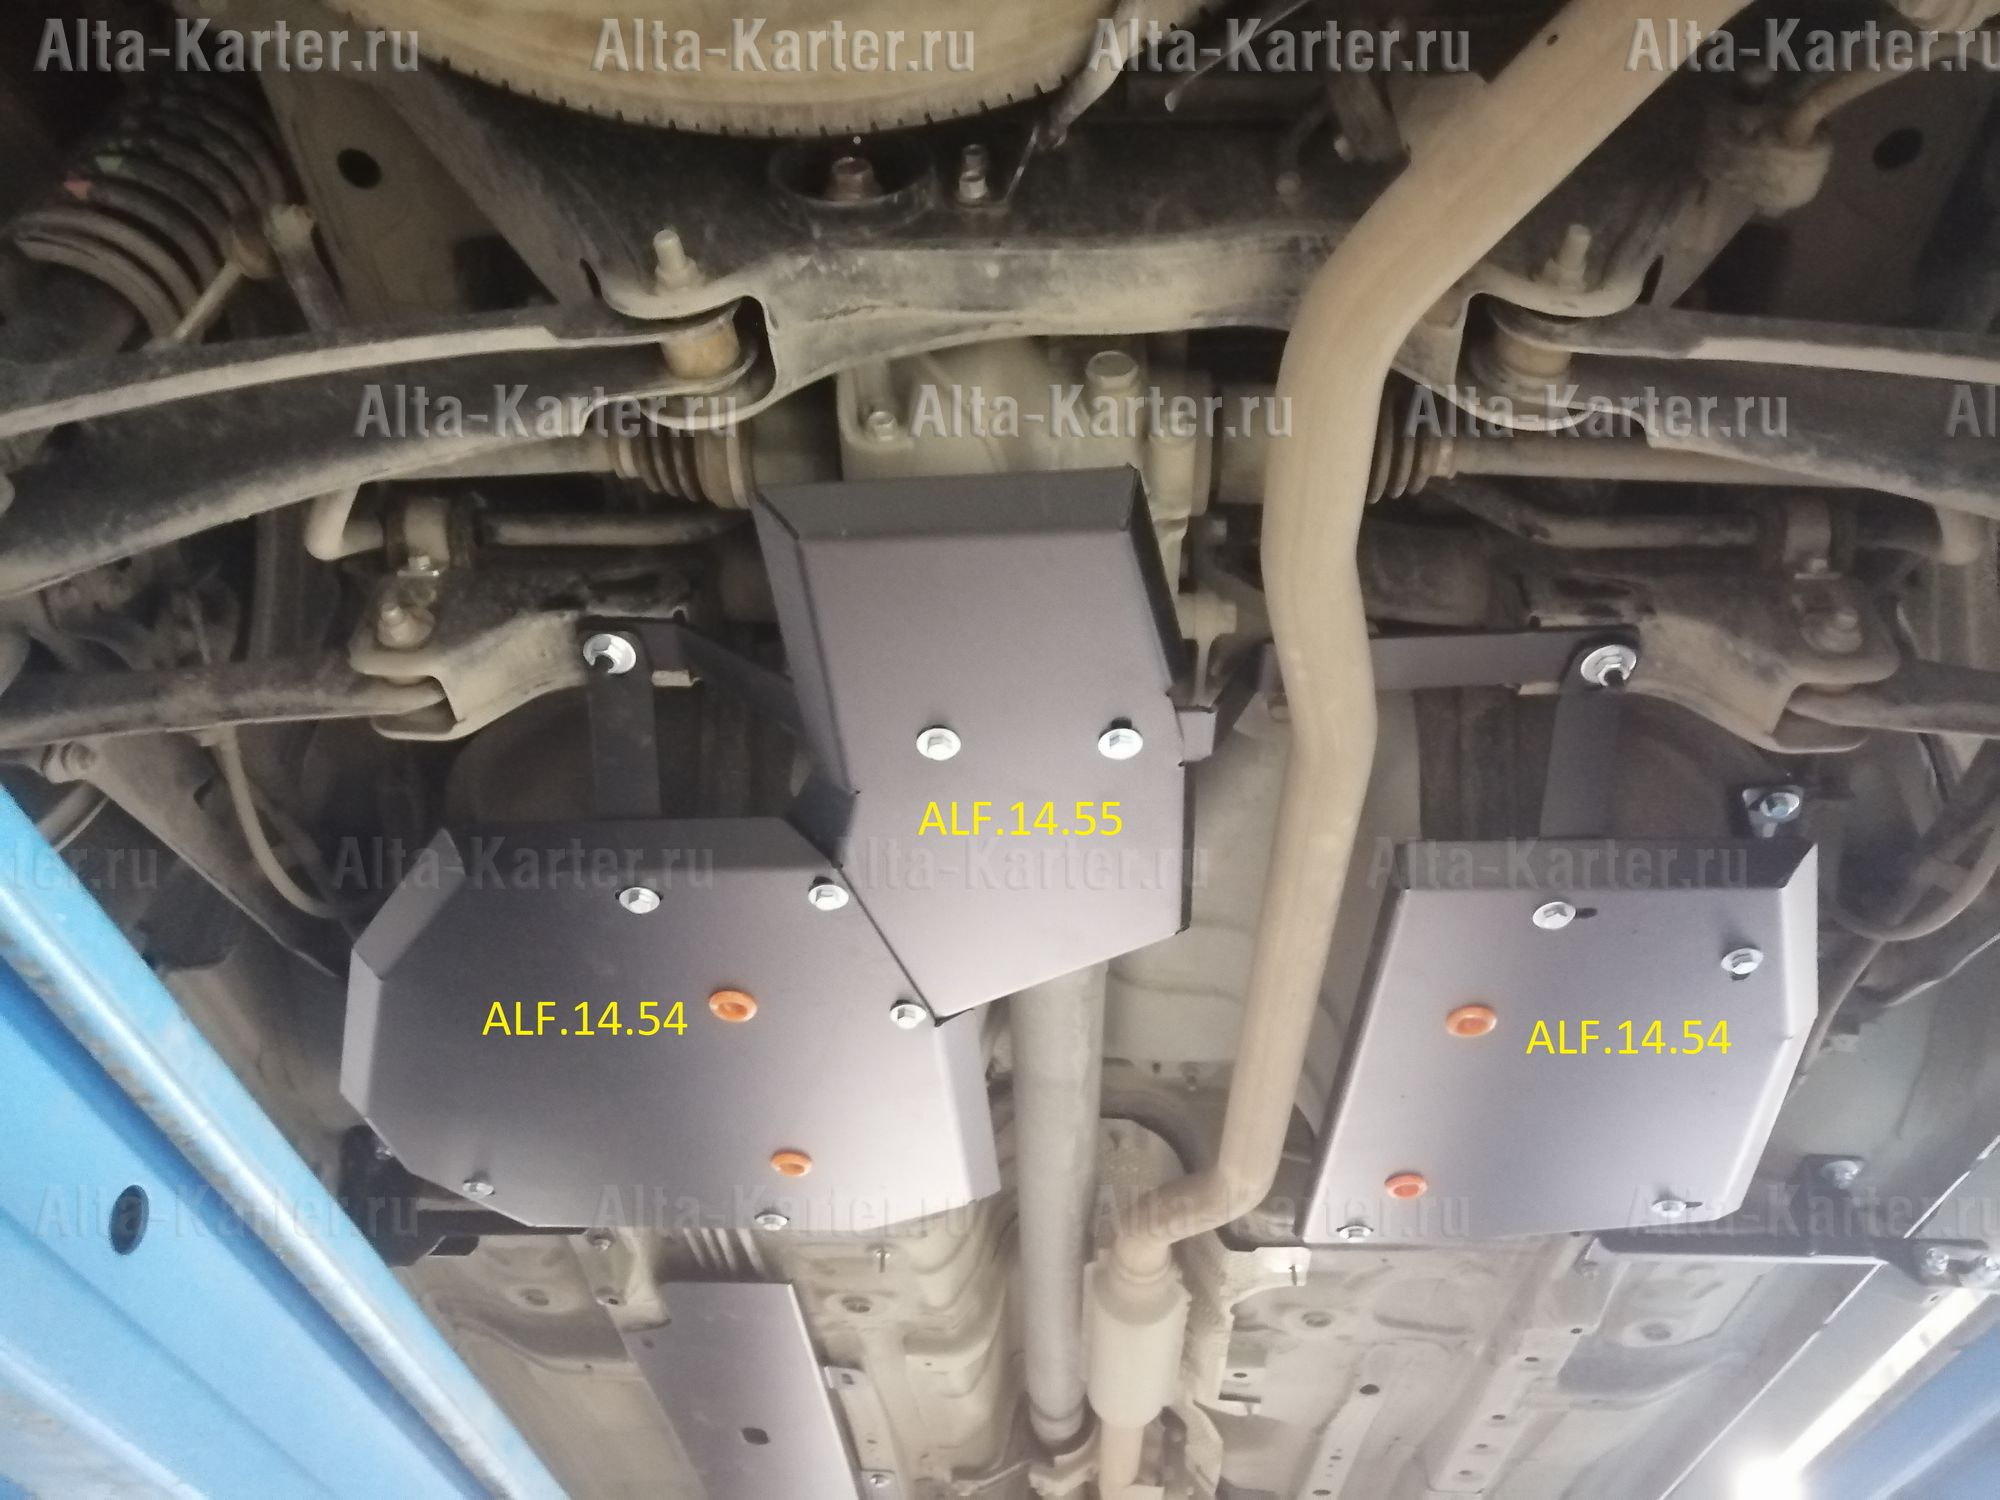 Защита Alfeco для топливного бака Mitsubishi Outlander III 4WD 2012-2021. Артикул ALF.14.54